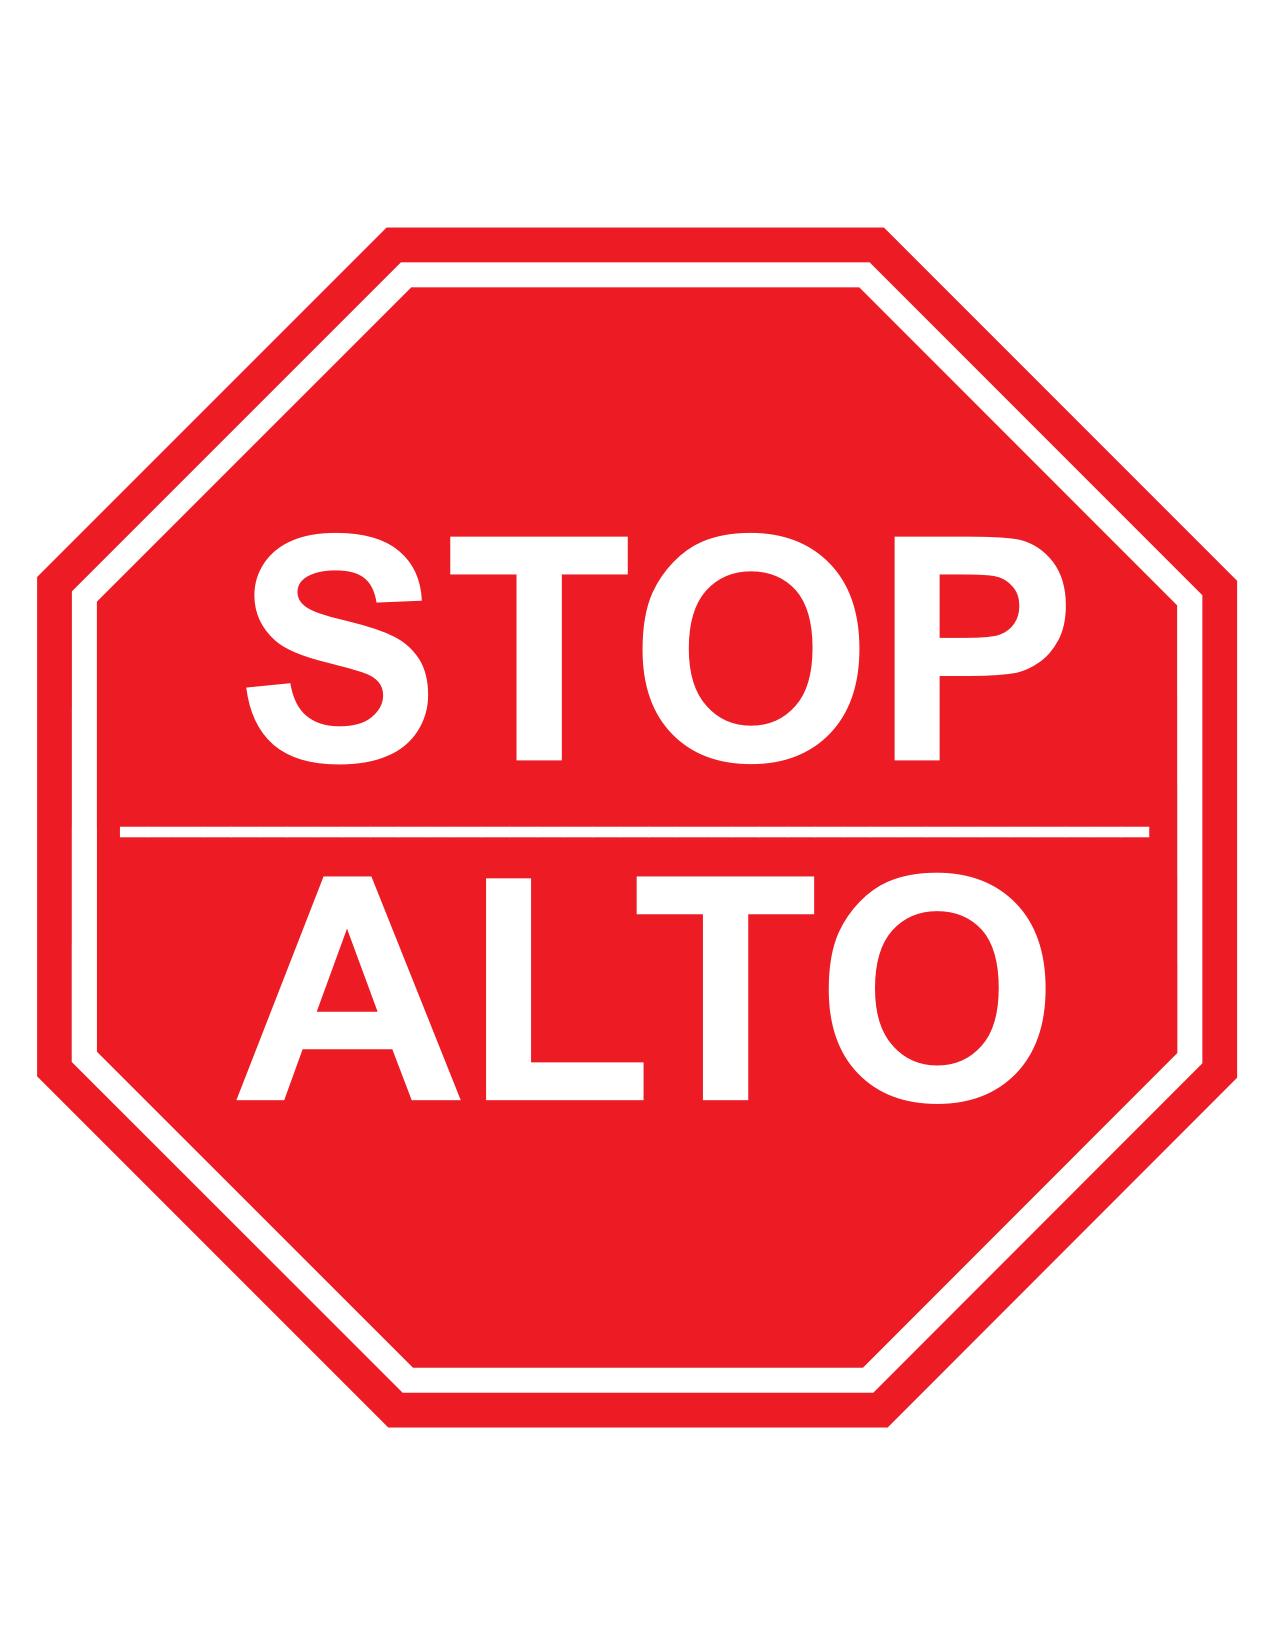 alto stop sign clipart best